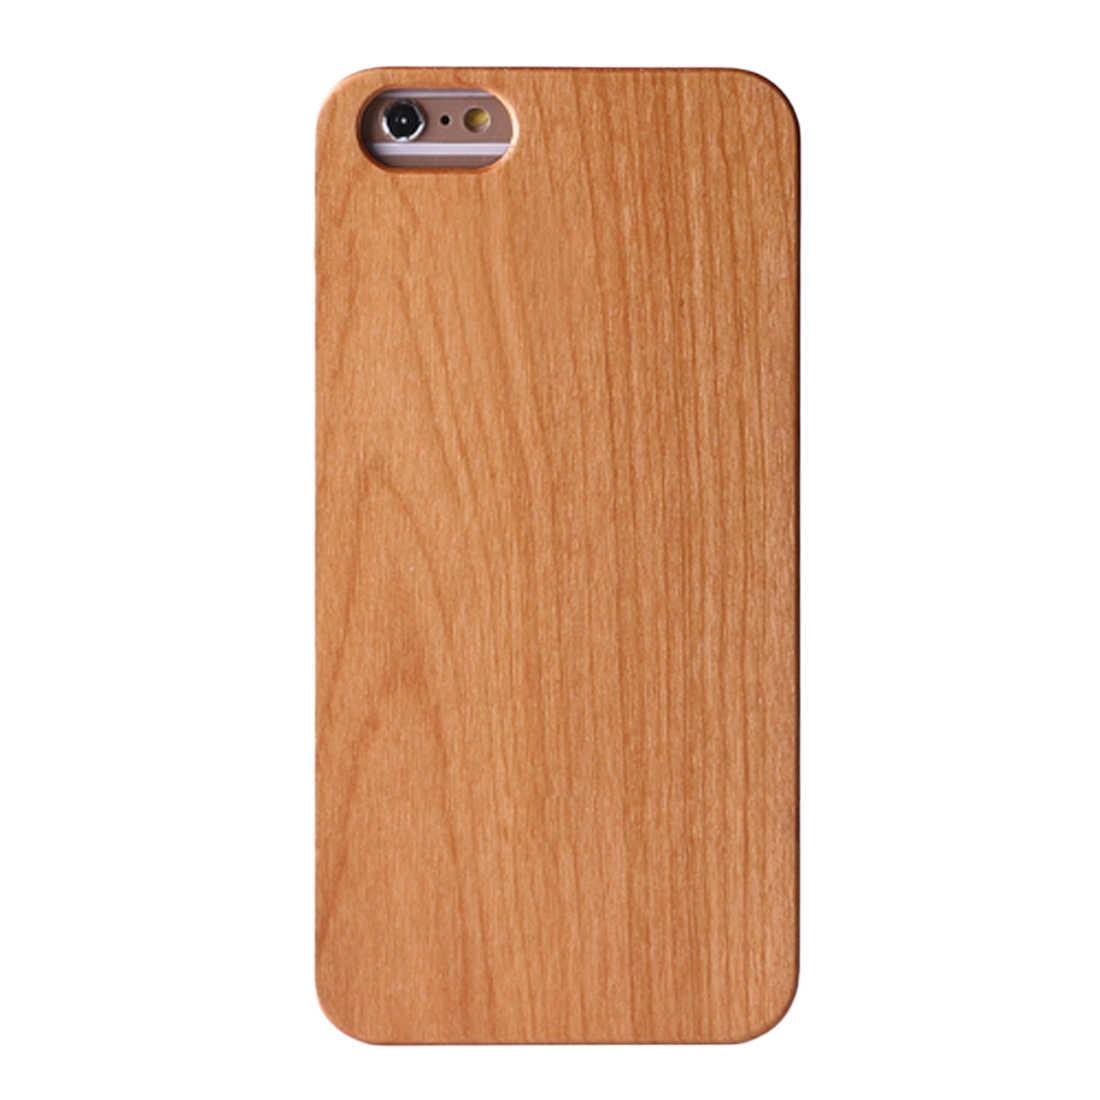 d73720f9749bd ... Etmakit деревянная крышка для iPhone 7 Plus чехол из натурального  бамбука Деревянные телефонные чехлы iPhone 6